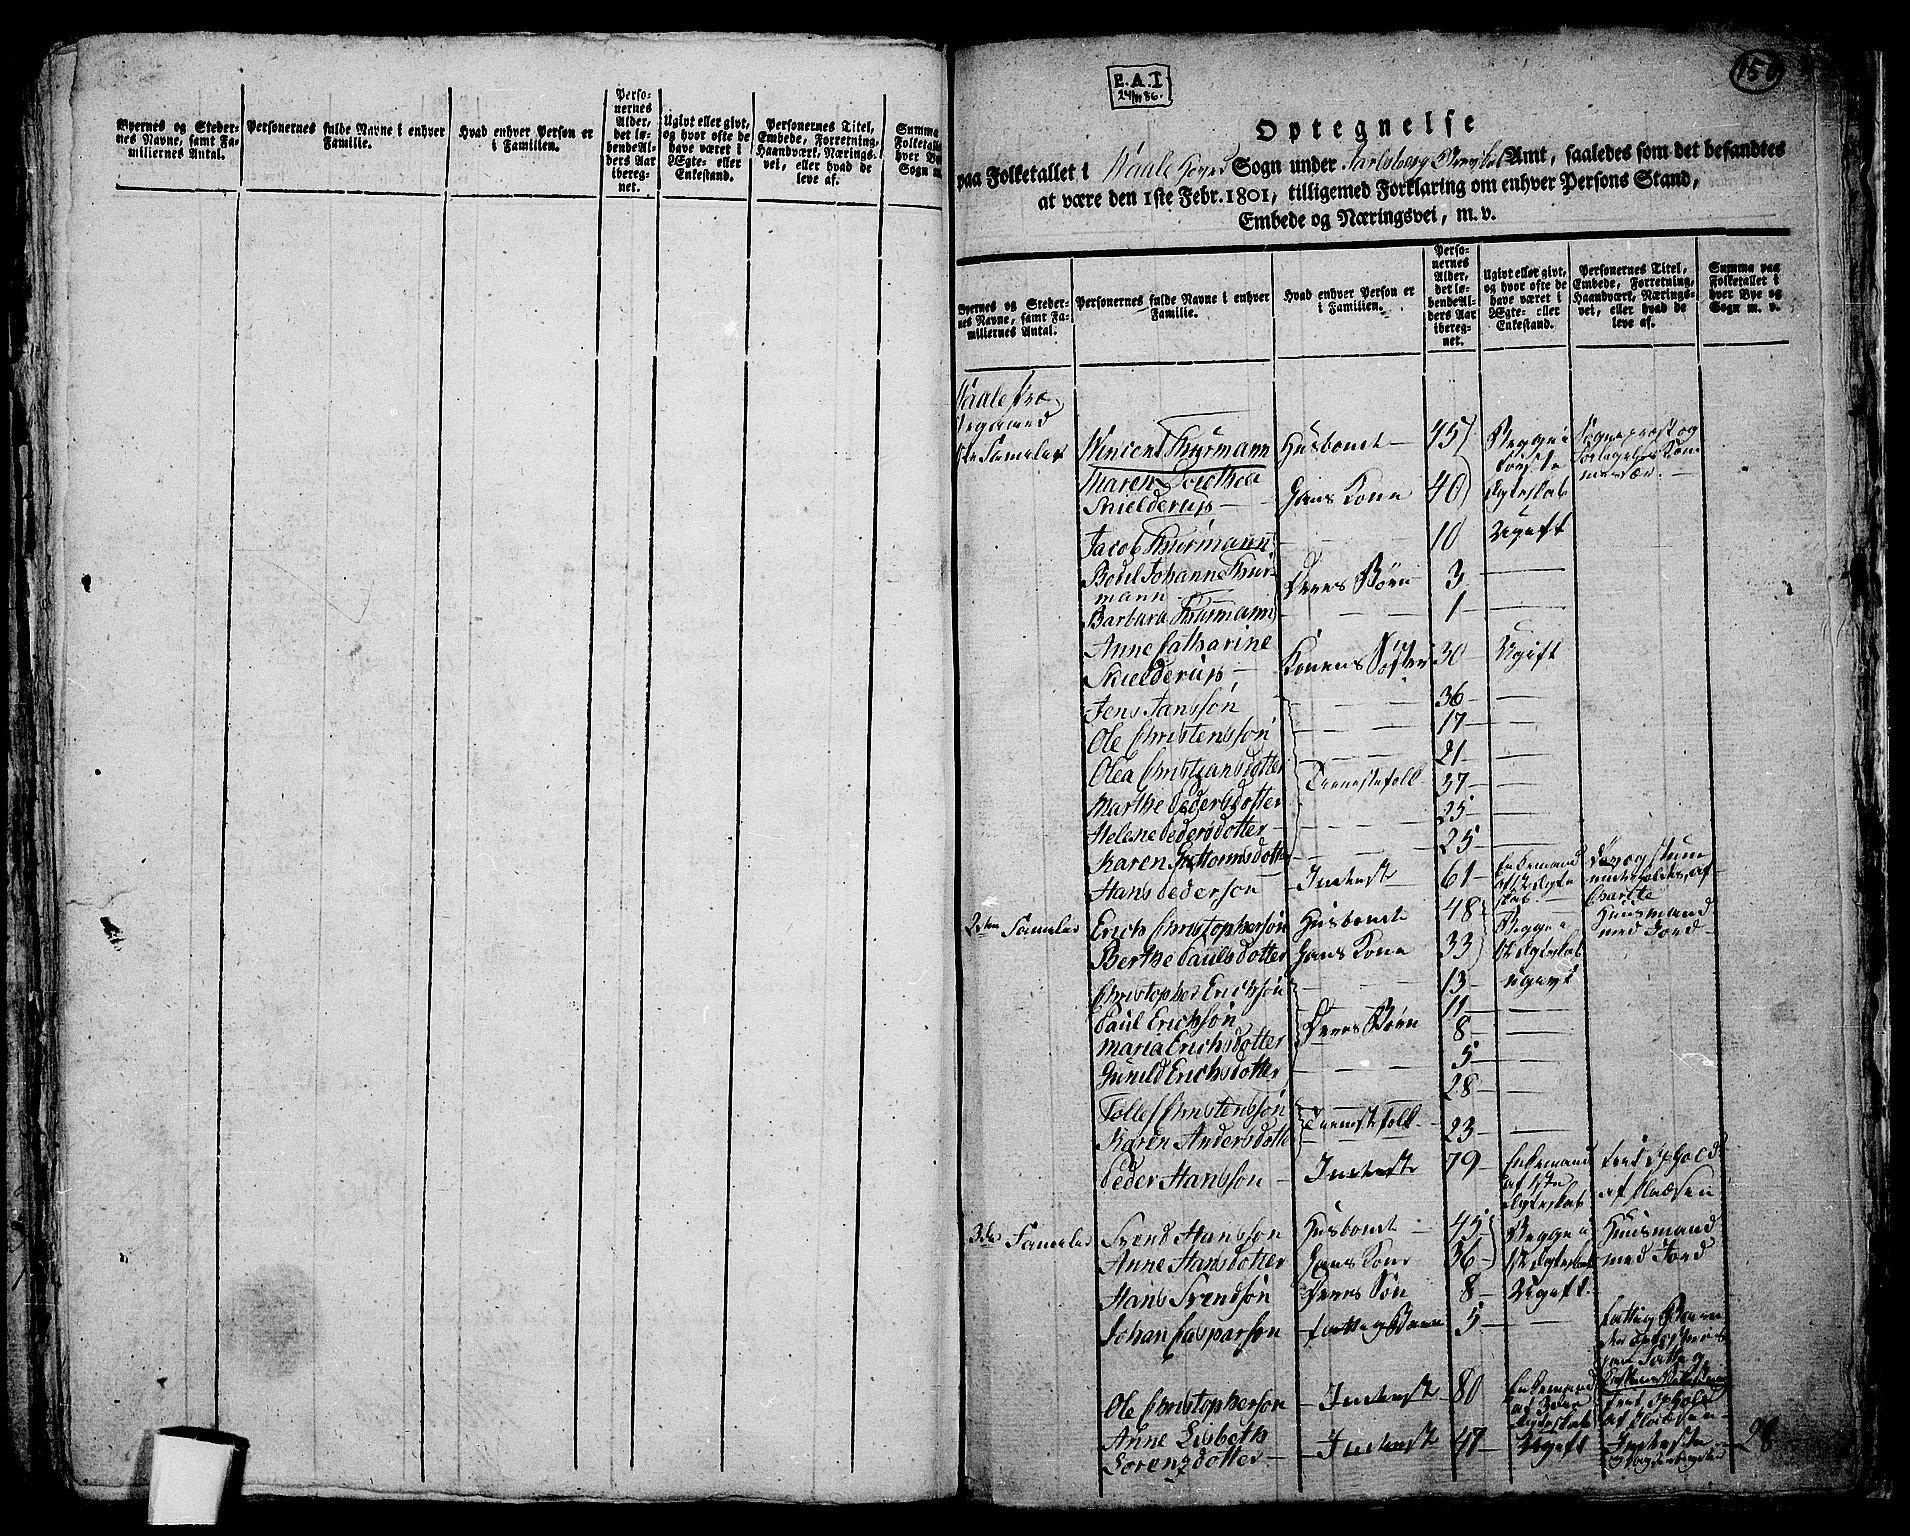 RA, Folketelling 1801 for 0716P Våle prestegjeld, 1801, s. 149b-150a